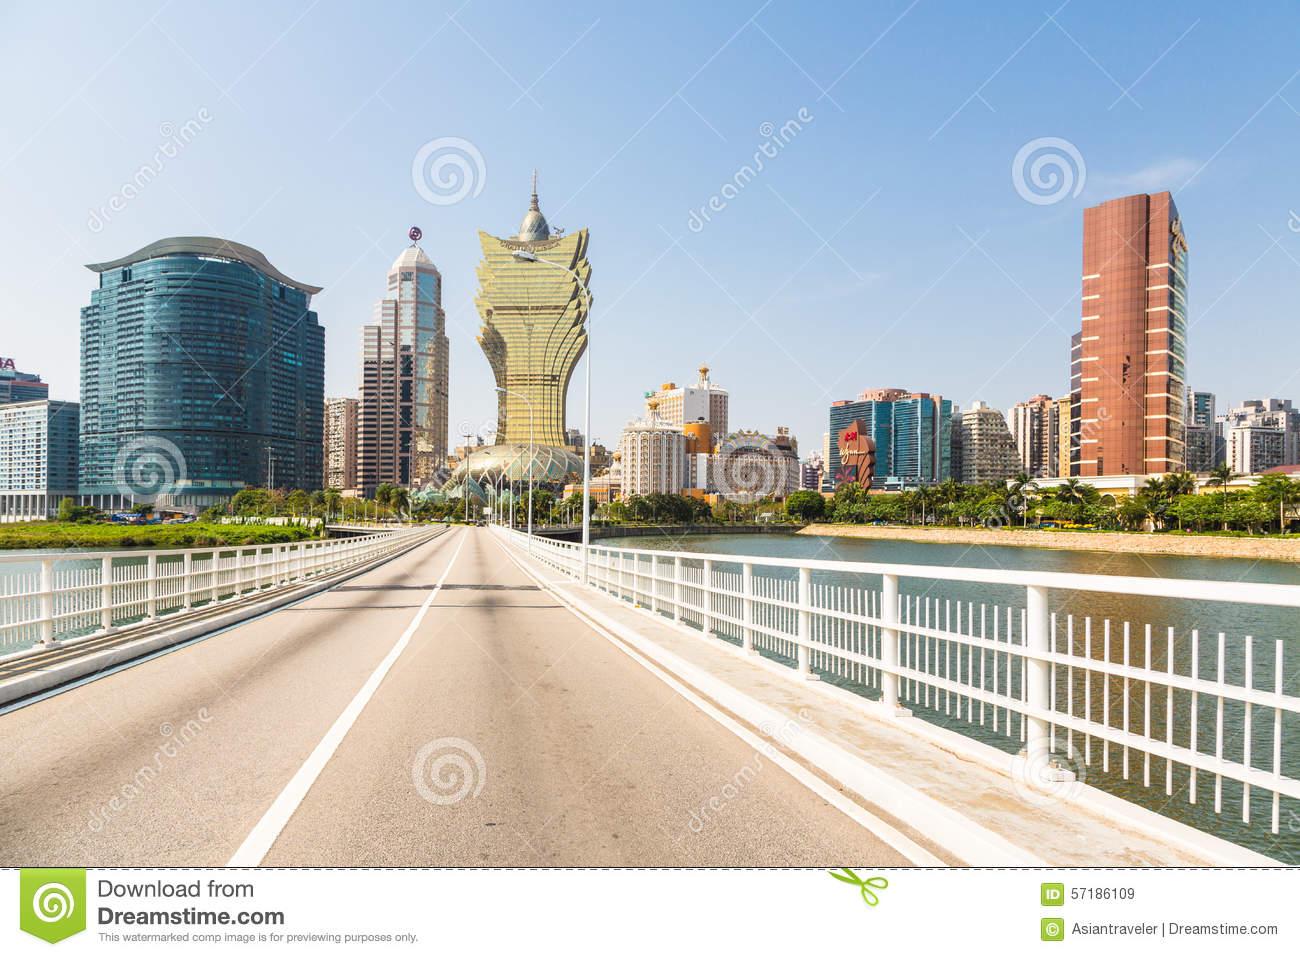 Macau : Grand Lisboa Hotel & Wynn Hotel Editorial Stock Photo.